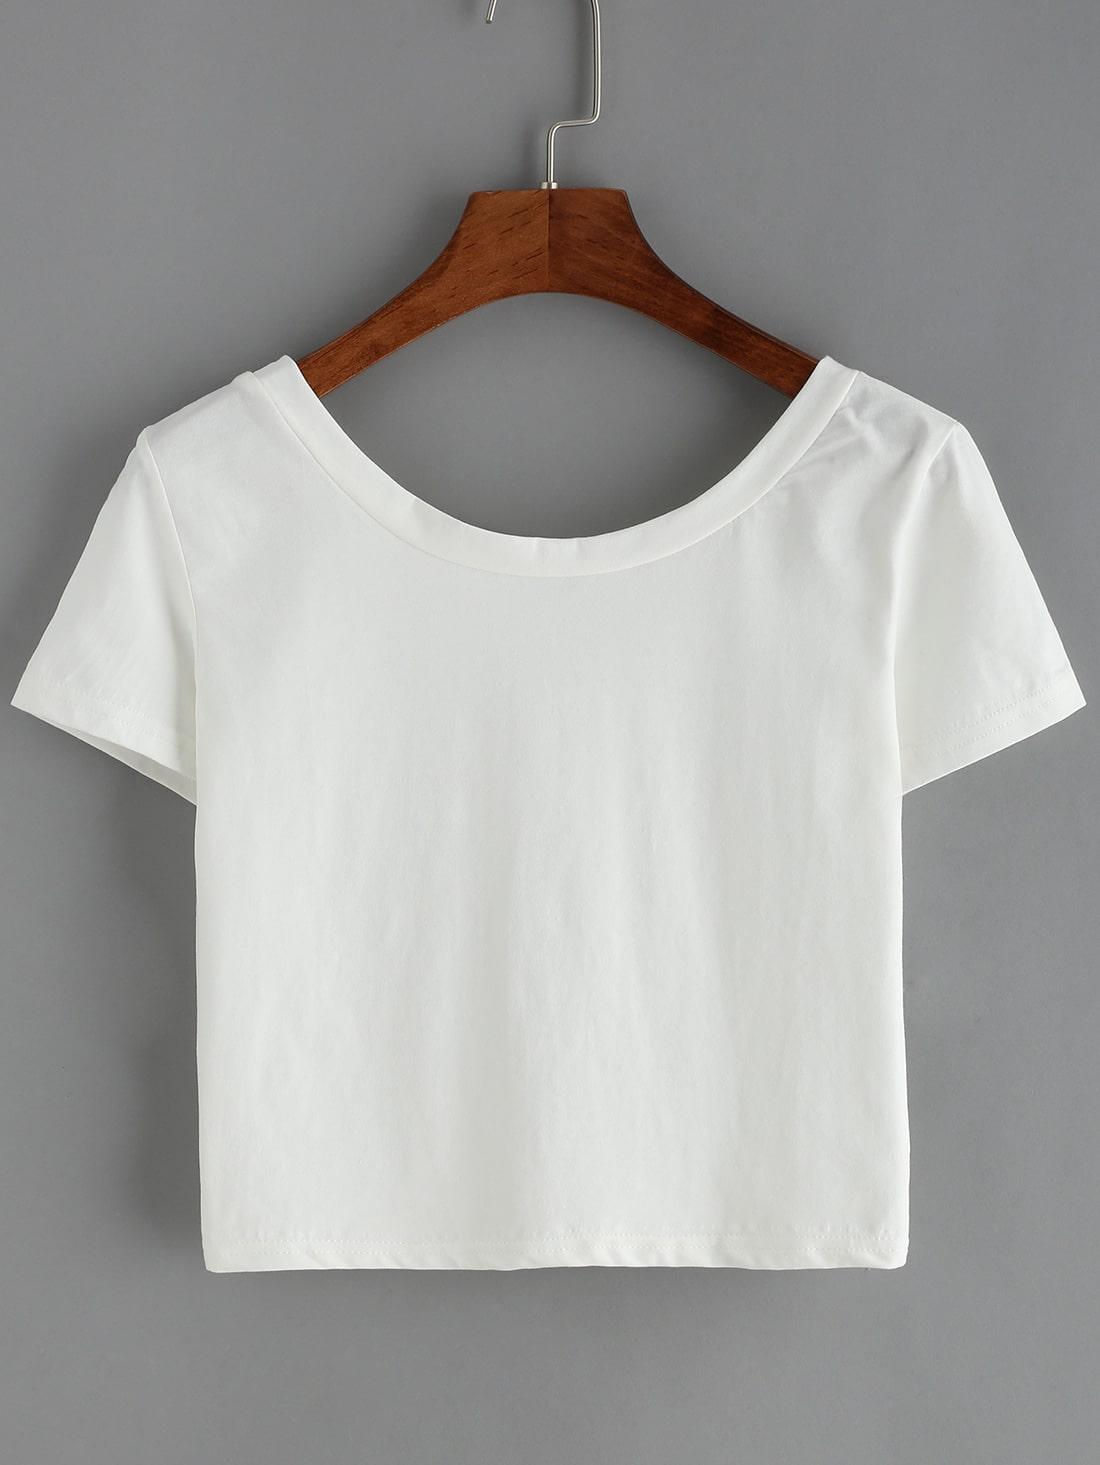 Scoop Neck Crop White T Shirt Shein Sheinside